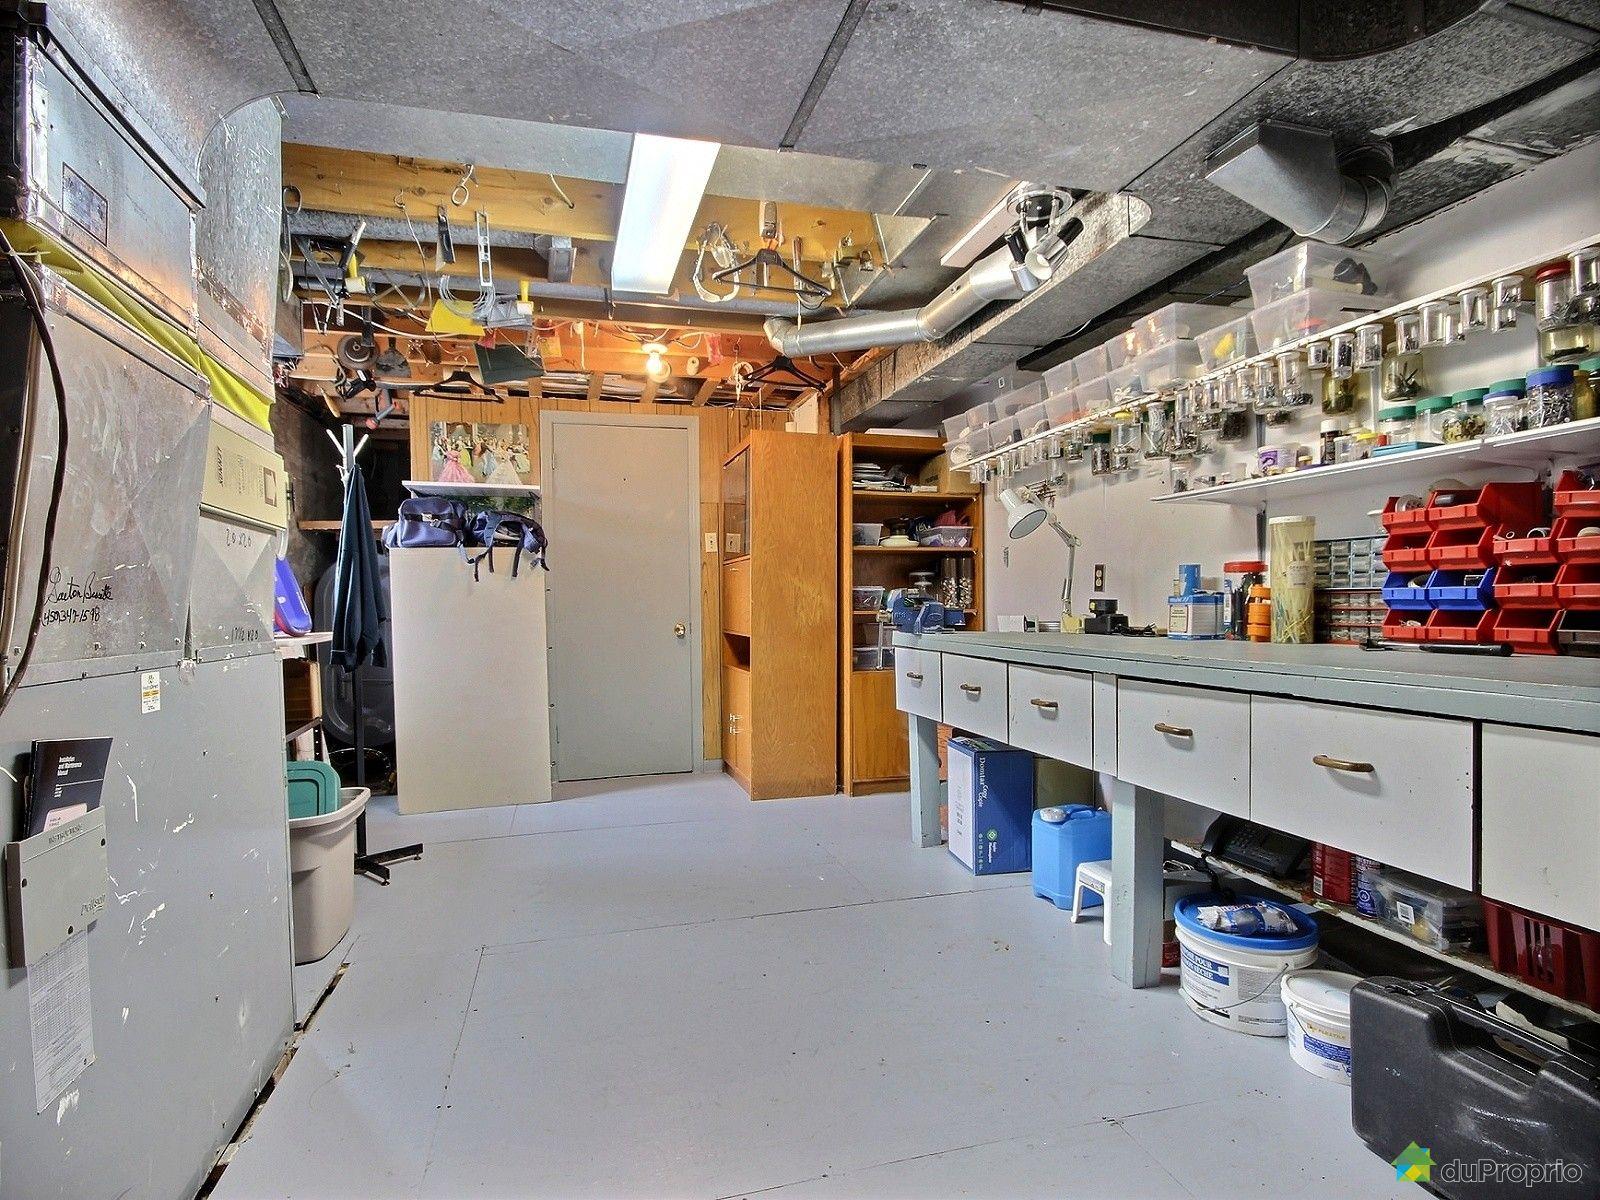 Maison vendre st jean sur richelieu 116 rue de li ge immobilier qu bec - Atelier a vendre montreal ...